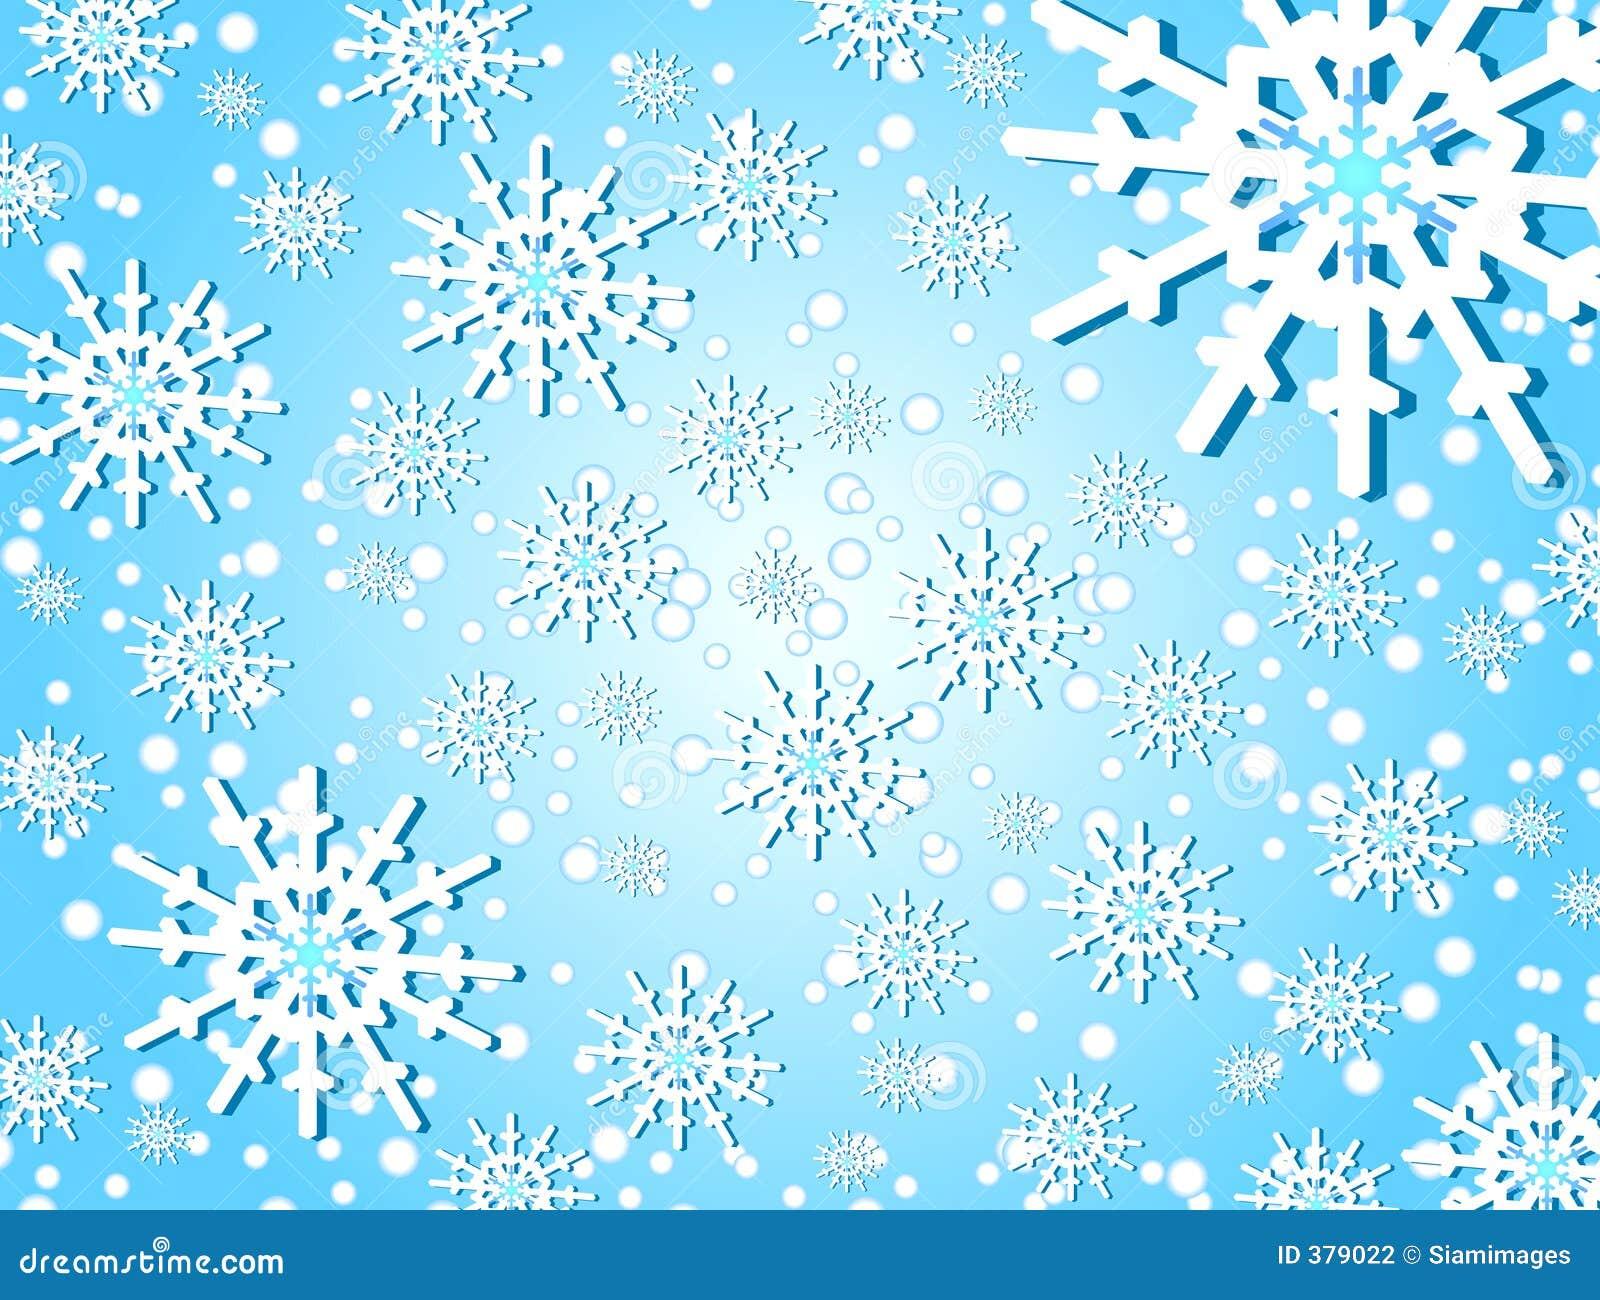 Flocons de neige noel - Gabarit flocon de neige a decouper ...